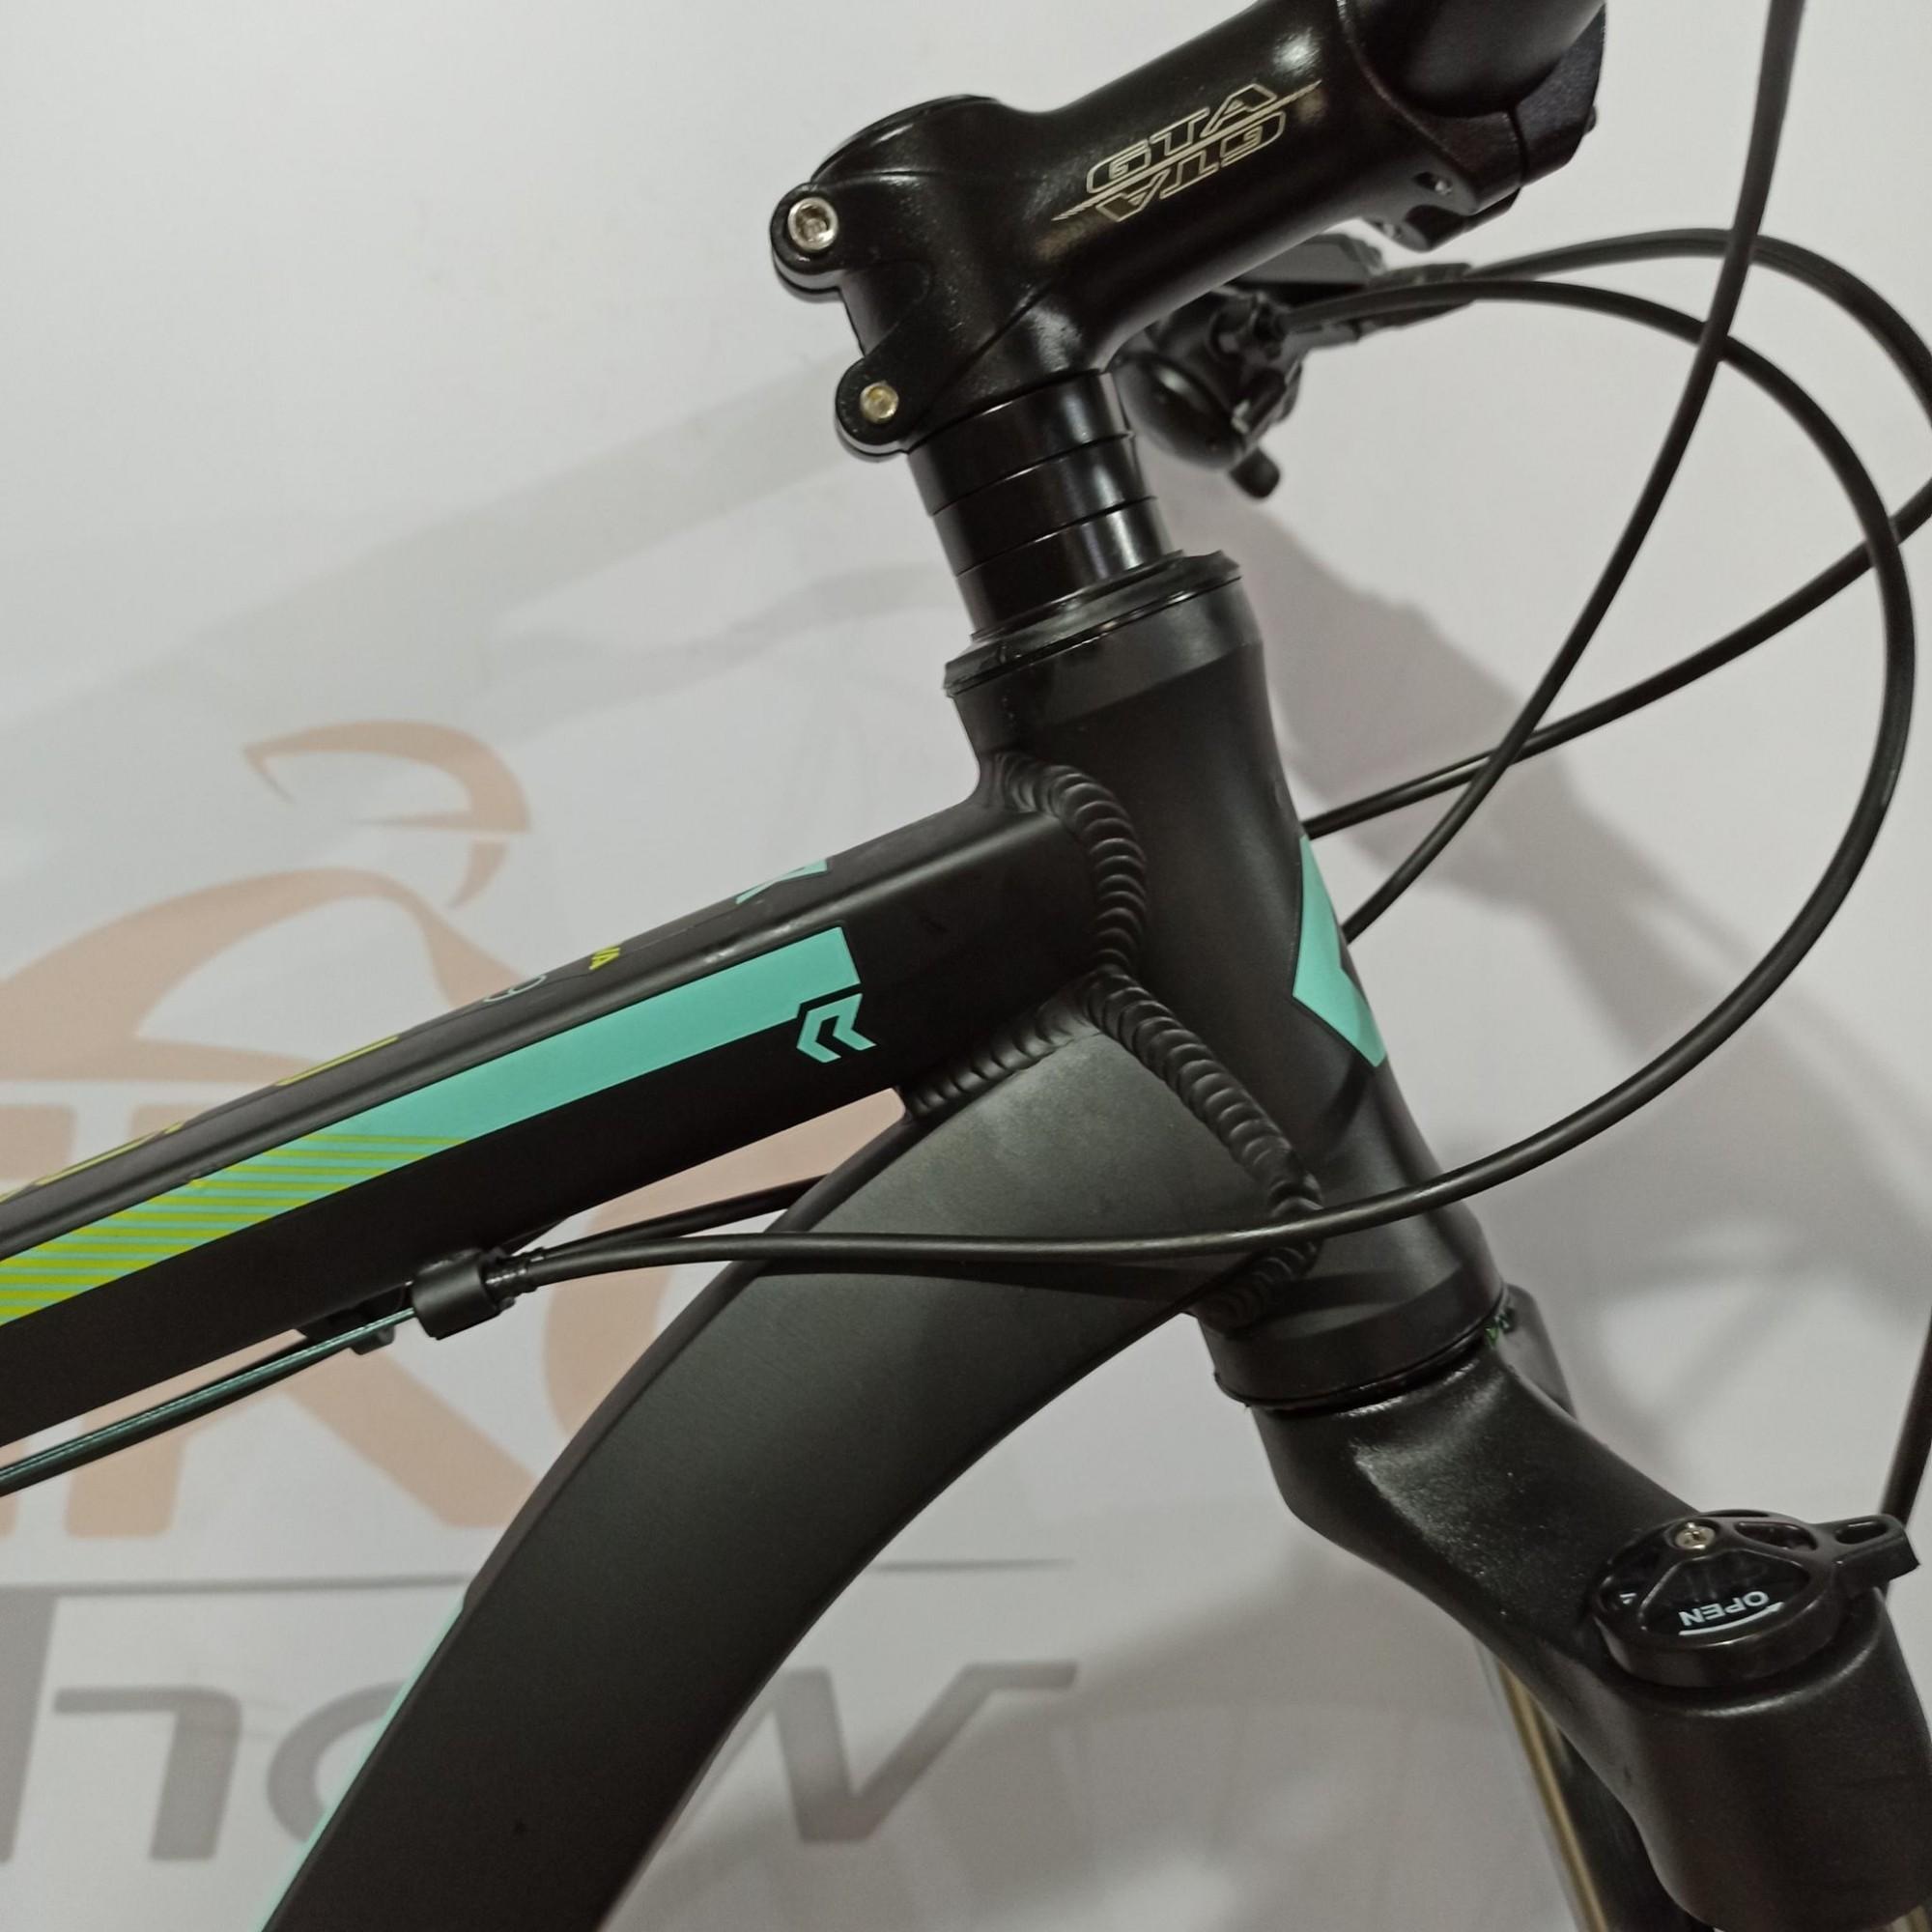 Bicicleta RAVA Pressure aro 29 - 18v Shimano Acera - Freio Shimano Hidráulico - Suspensão GTA com trava no ombro